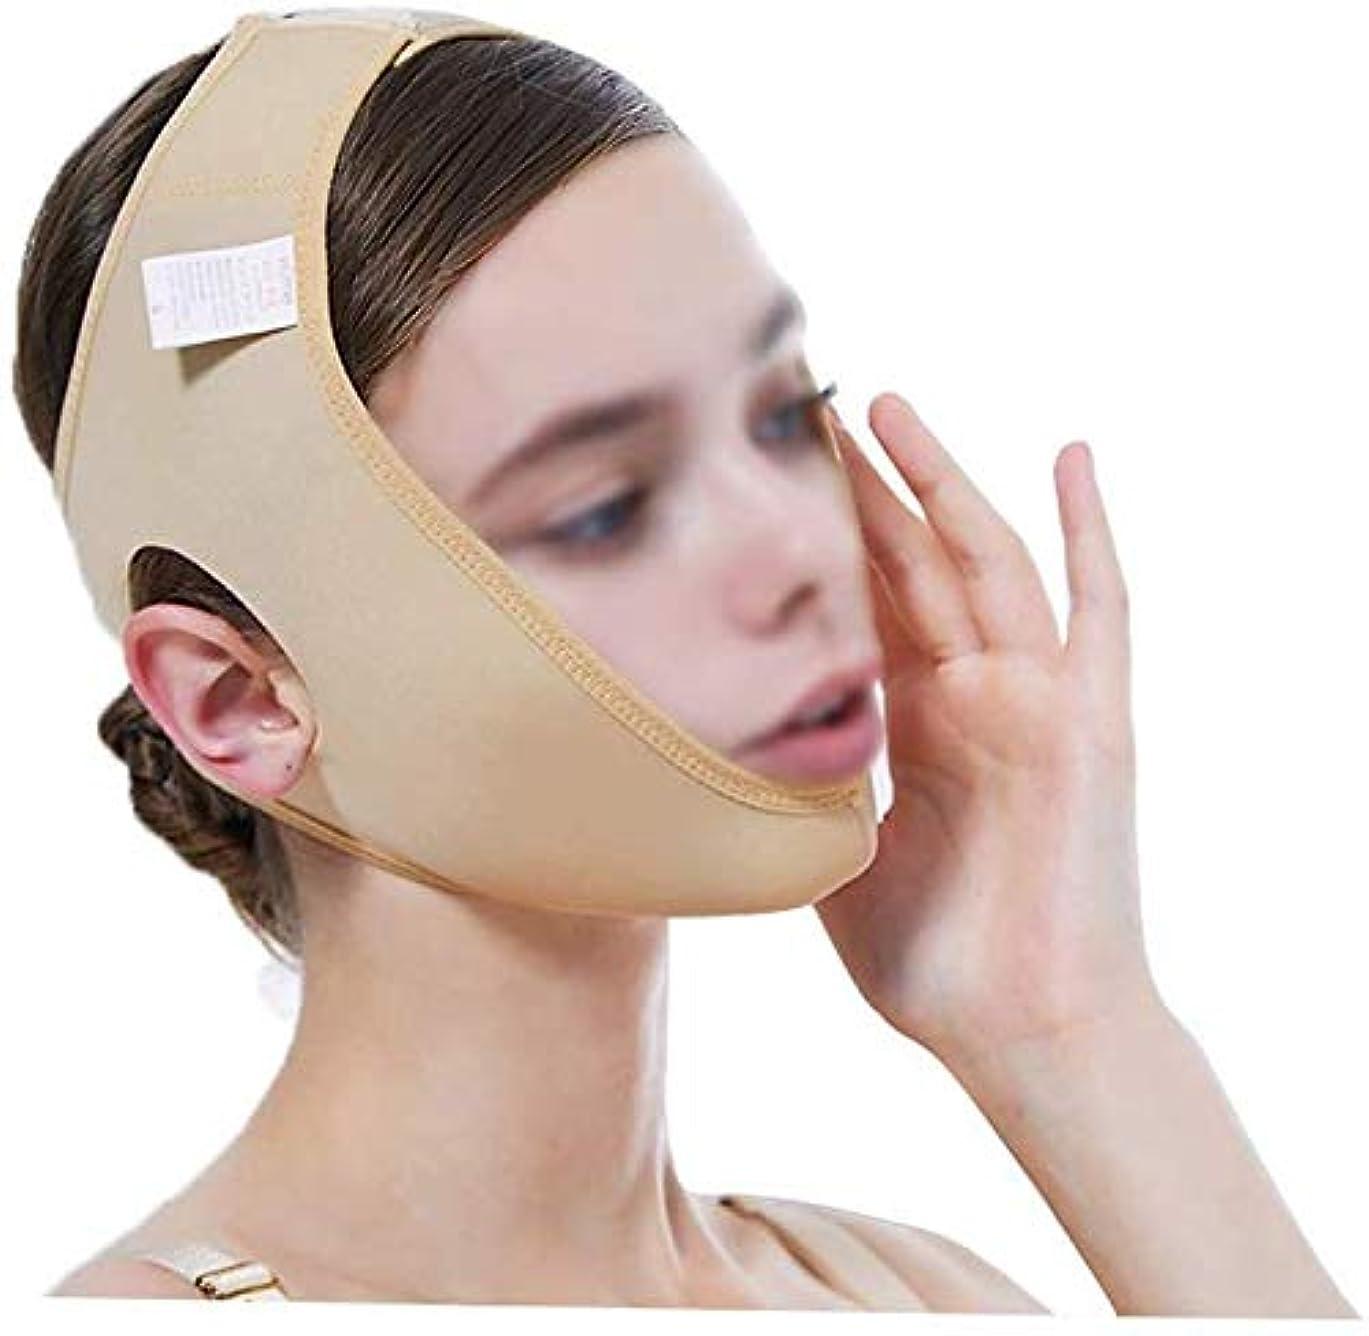 勃起定期的にロイヤリティ美しさと実用的な顔と首のリフト、減量ポストヘッド薄型ダブルチンアーティファクトVフェイスビームフェイスジョーセットフェイスマスク(サイズ:XS)